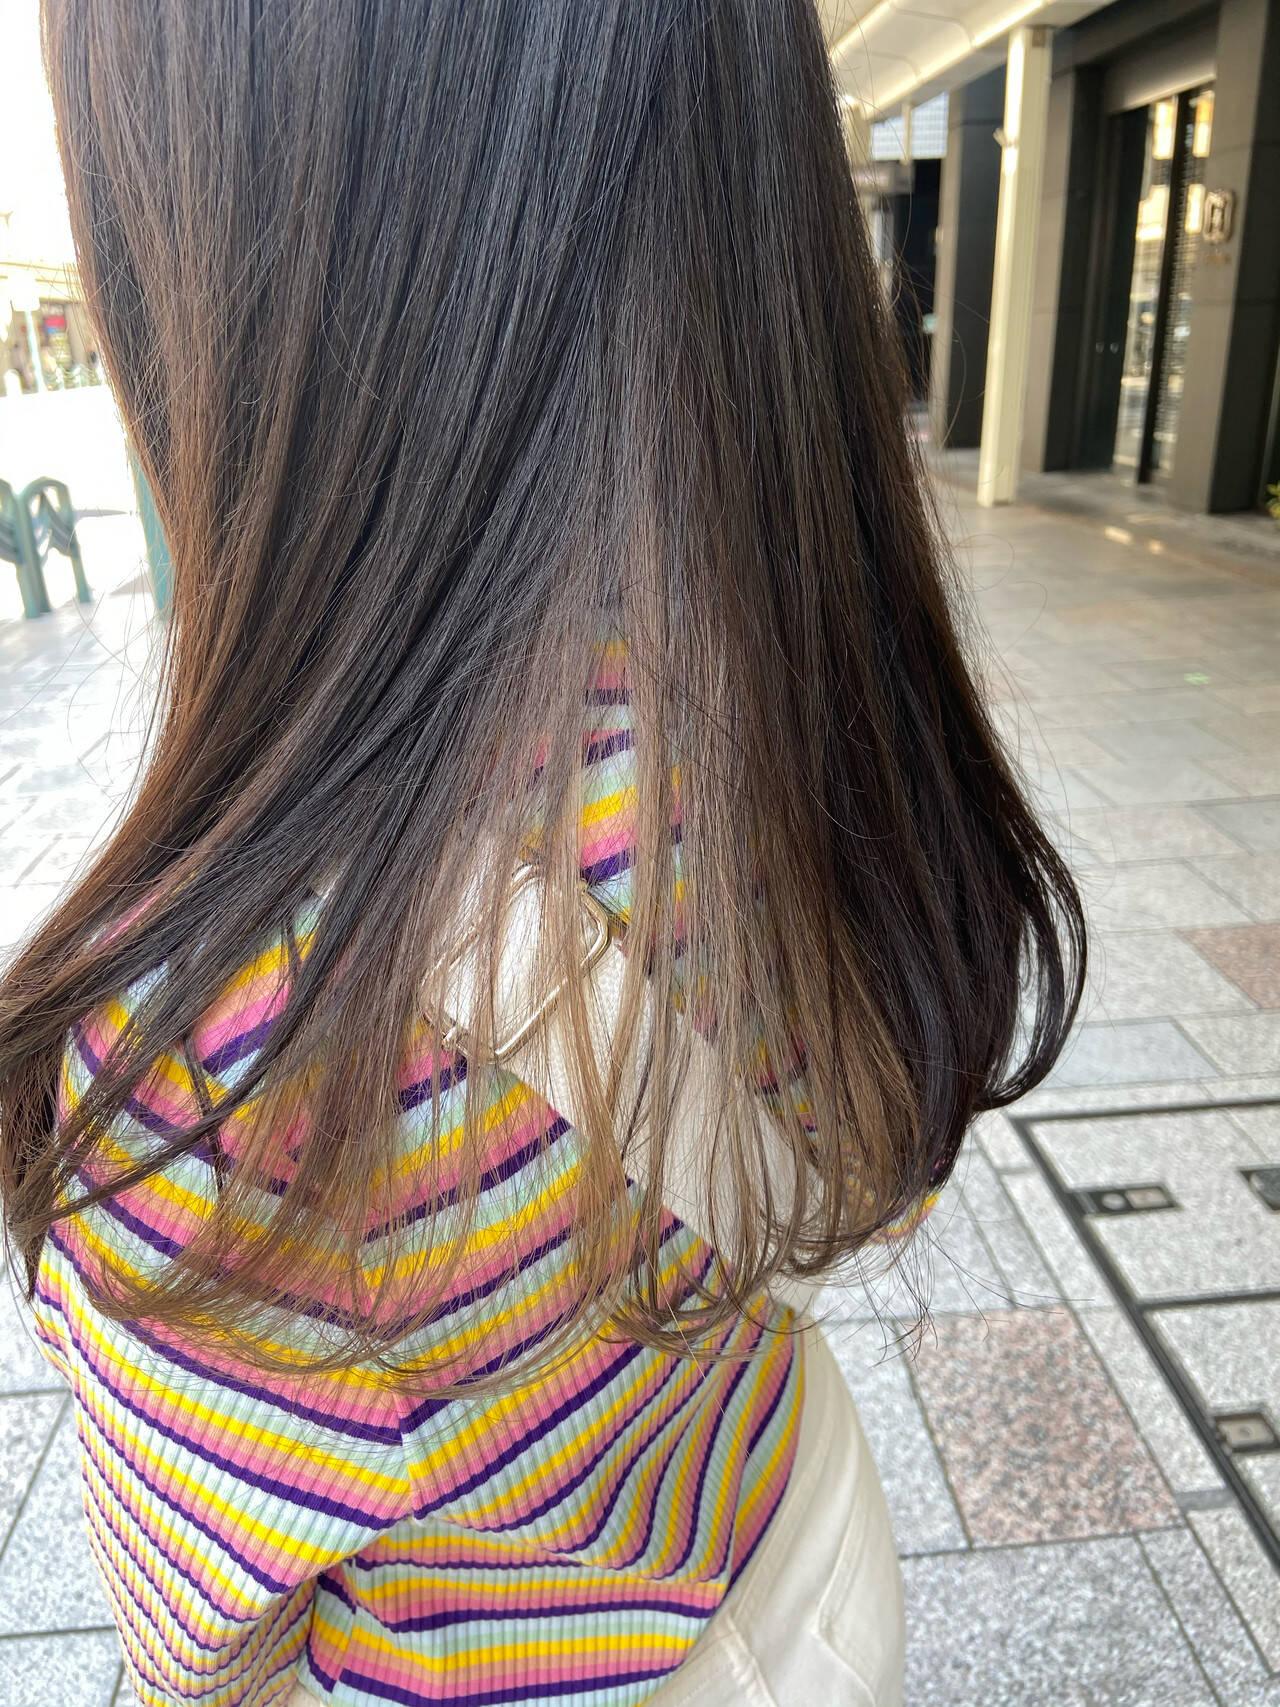 アッシュグレージュ ロング ブリーチカラー ブリーチヘアスタイルや髪型の写真・画像